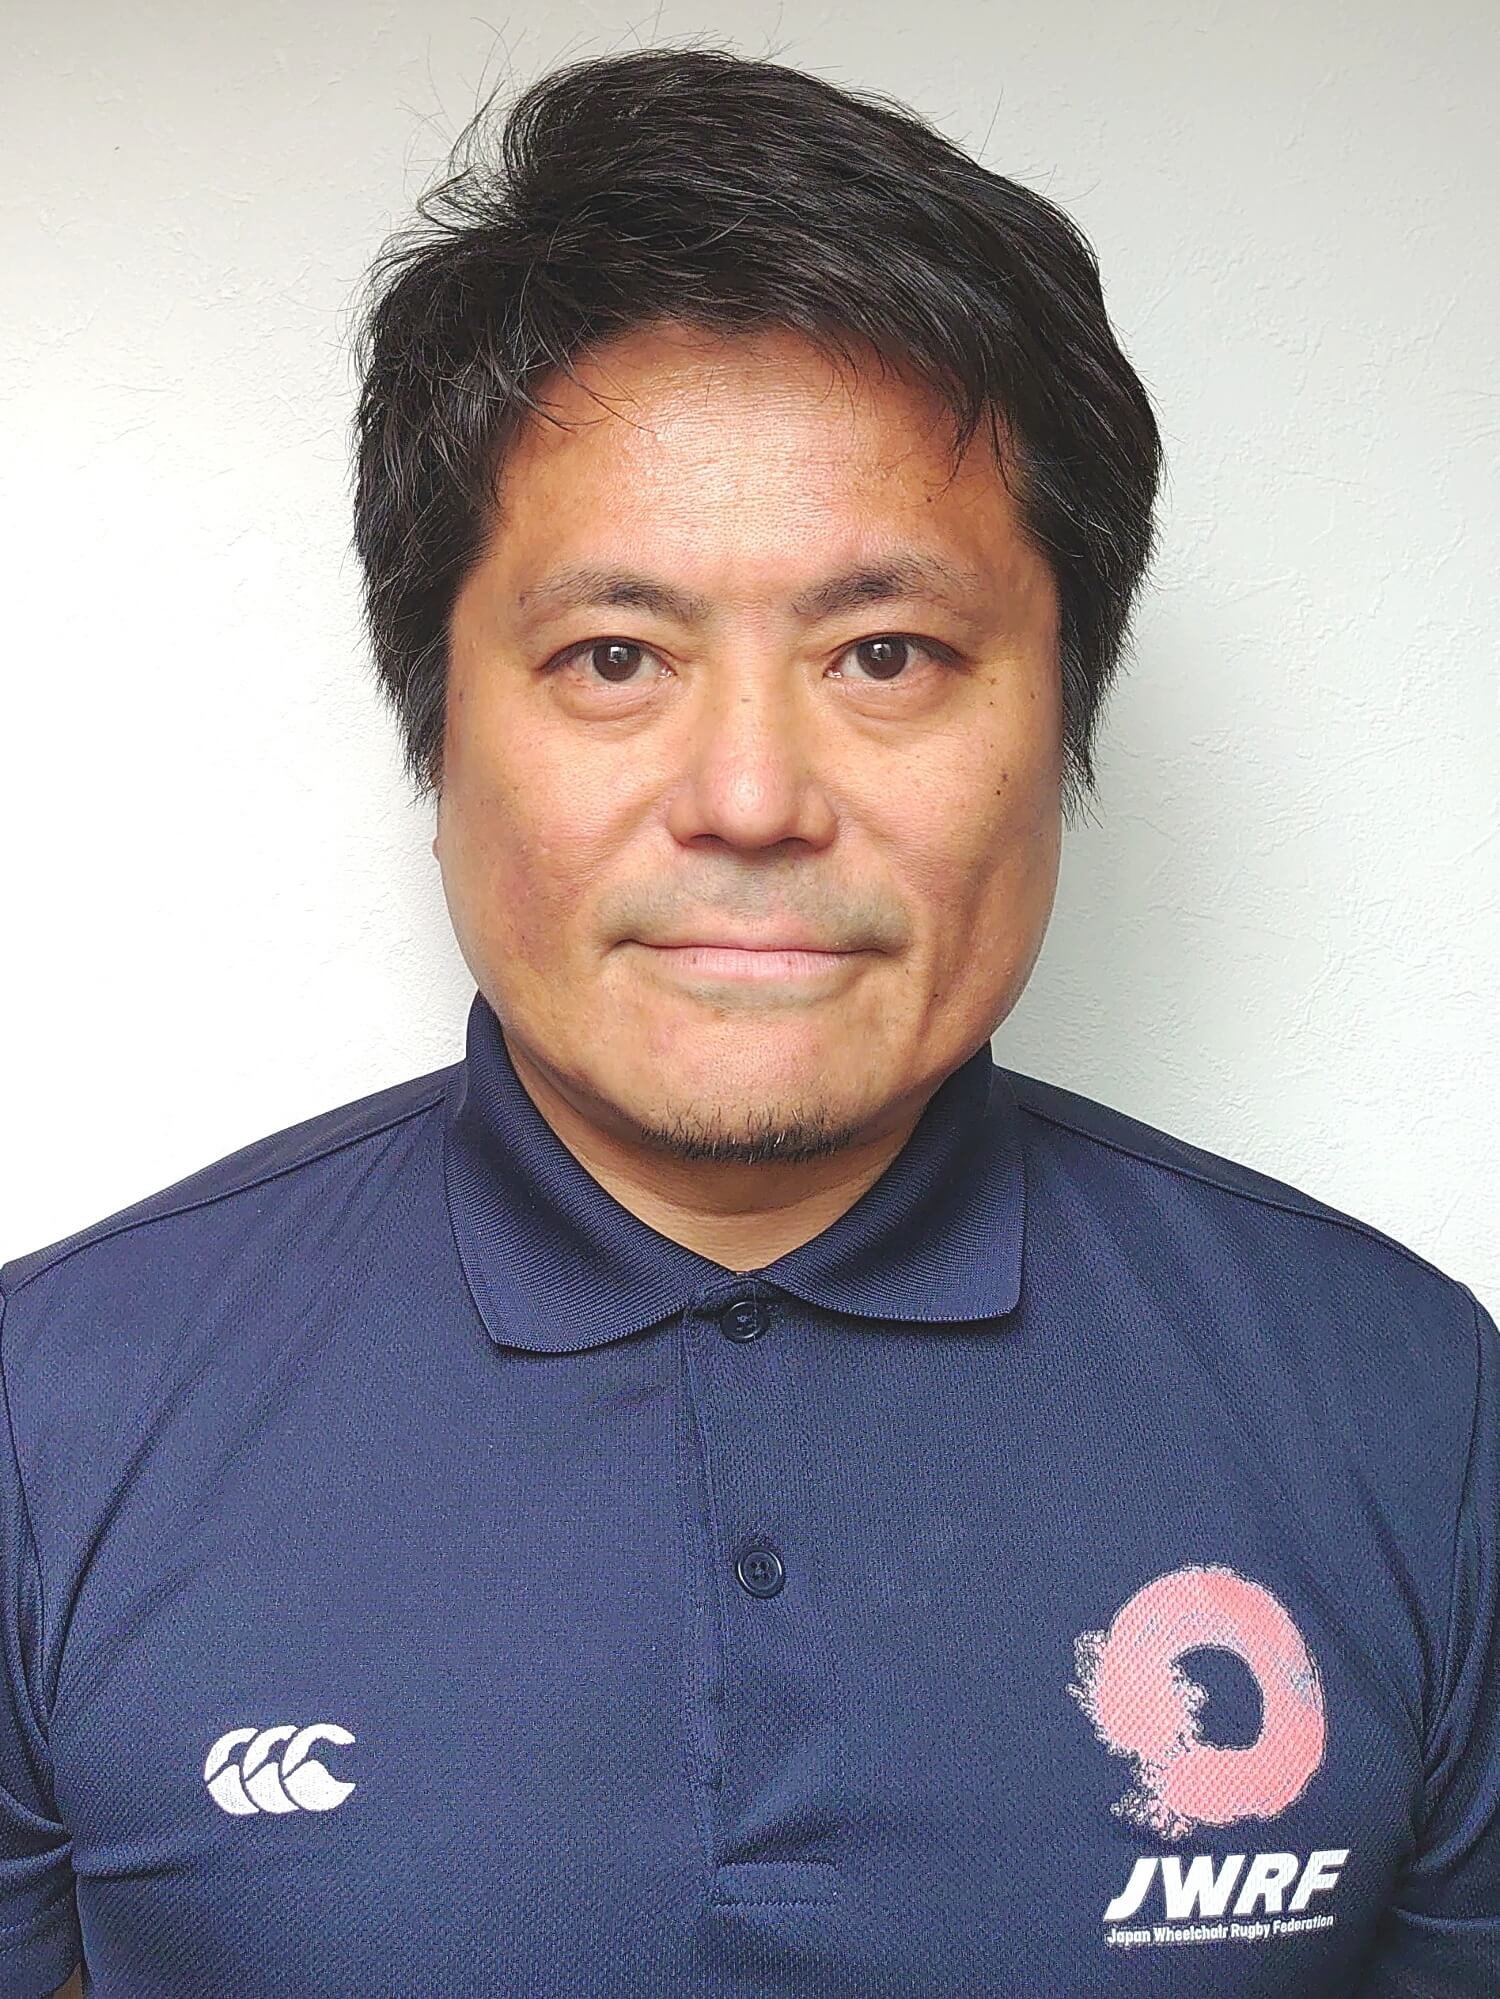 日本車いすラグビー連盟広報担当の佐藤裕氏。「練習は体が不自由な選手が多いので開始準備に2時間、練習後の床掃除に1時間半かかり、スタッフの頑張りも大変なものです」。